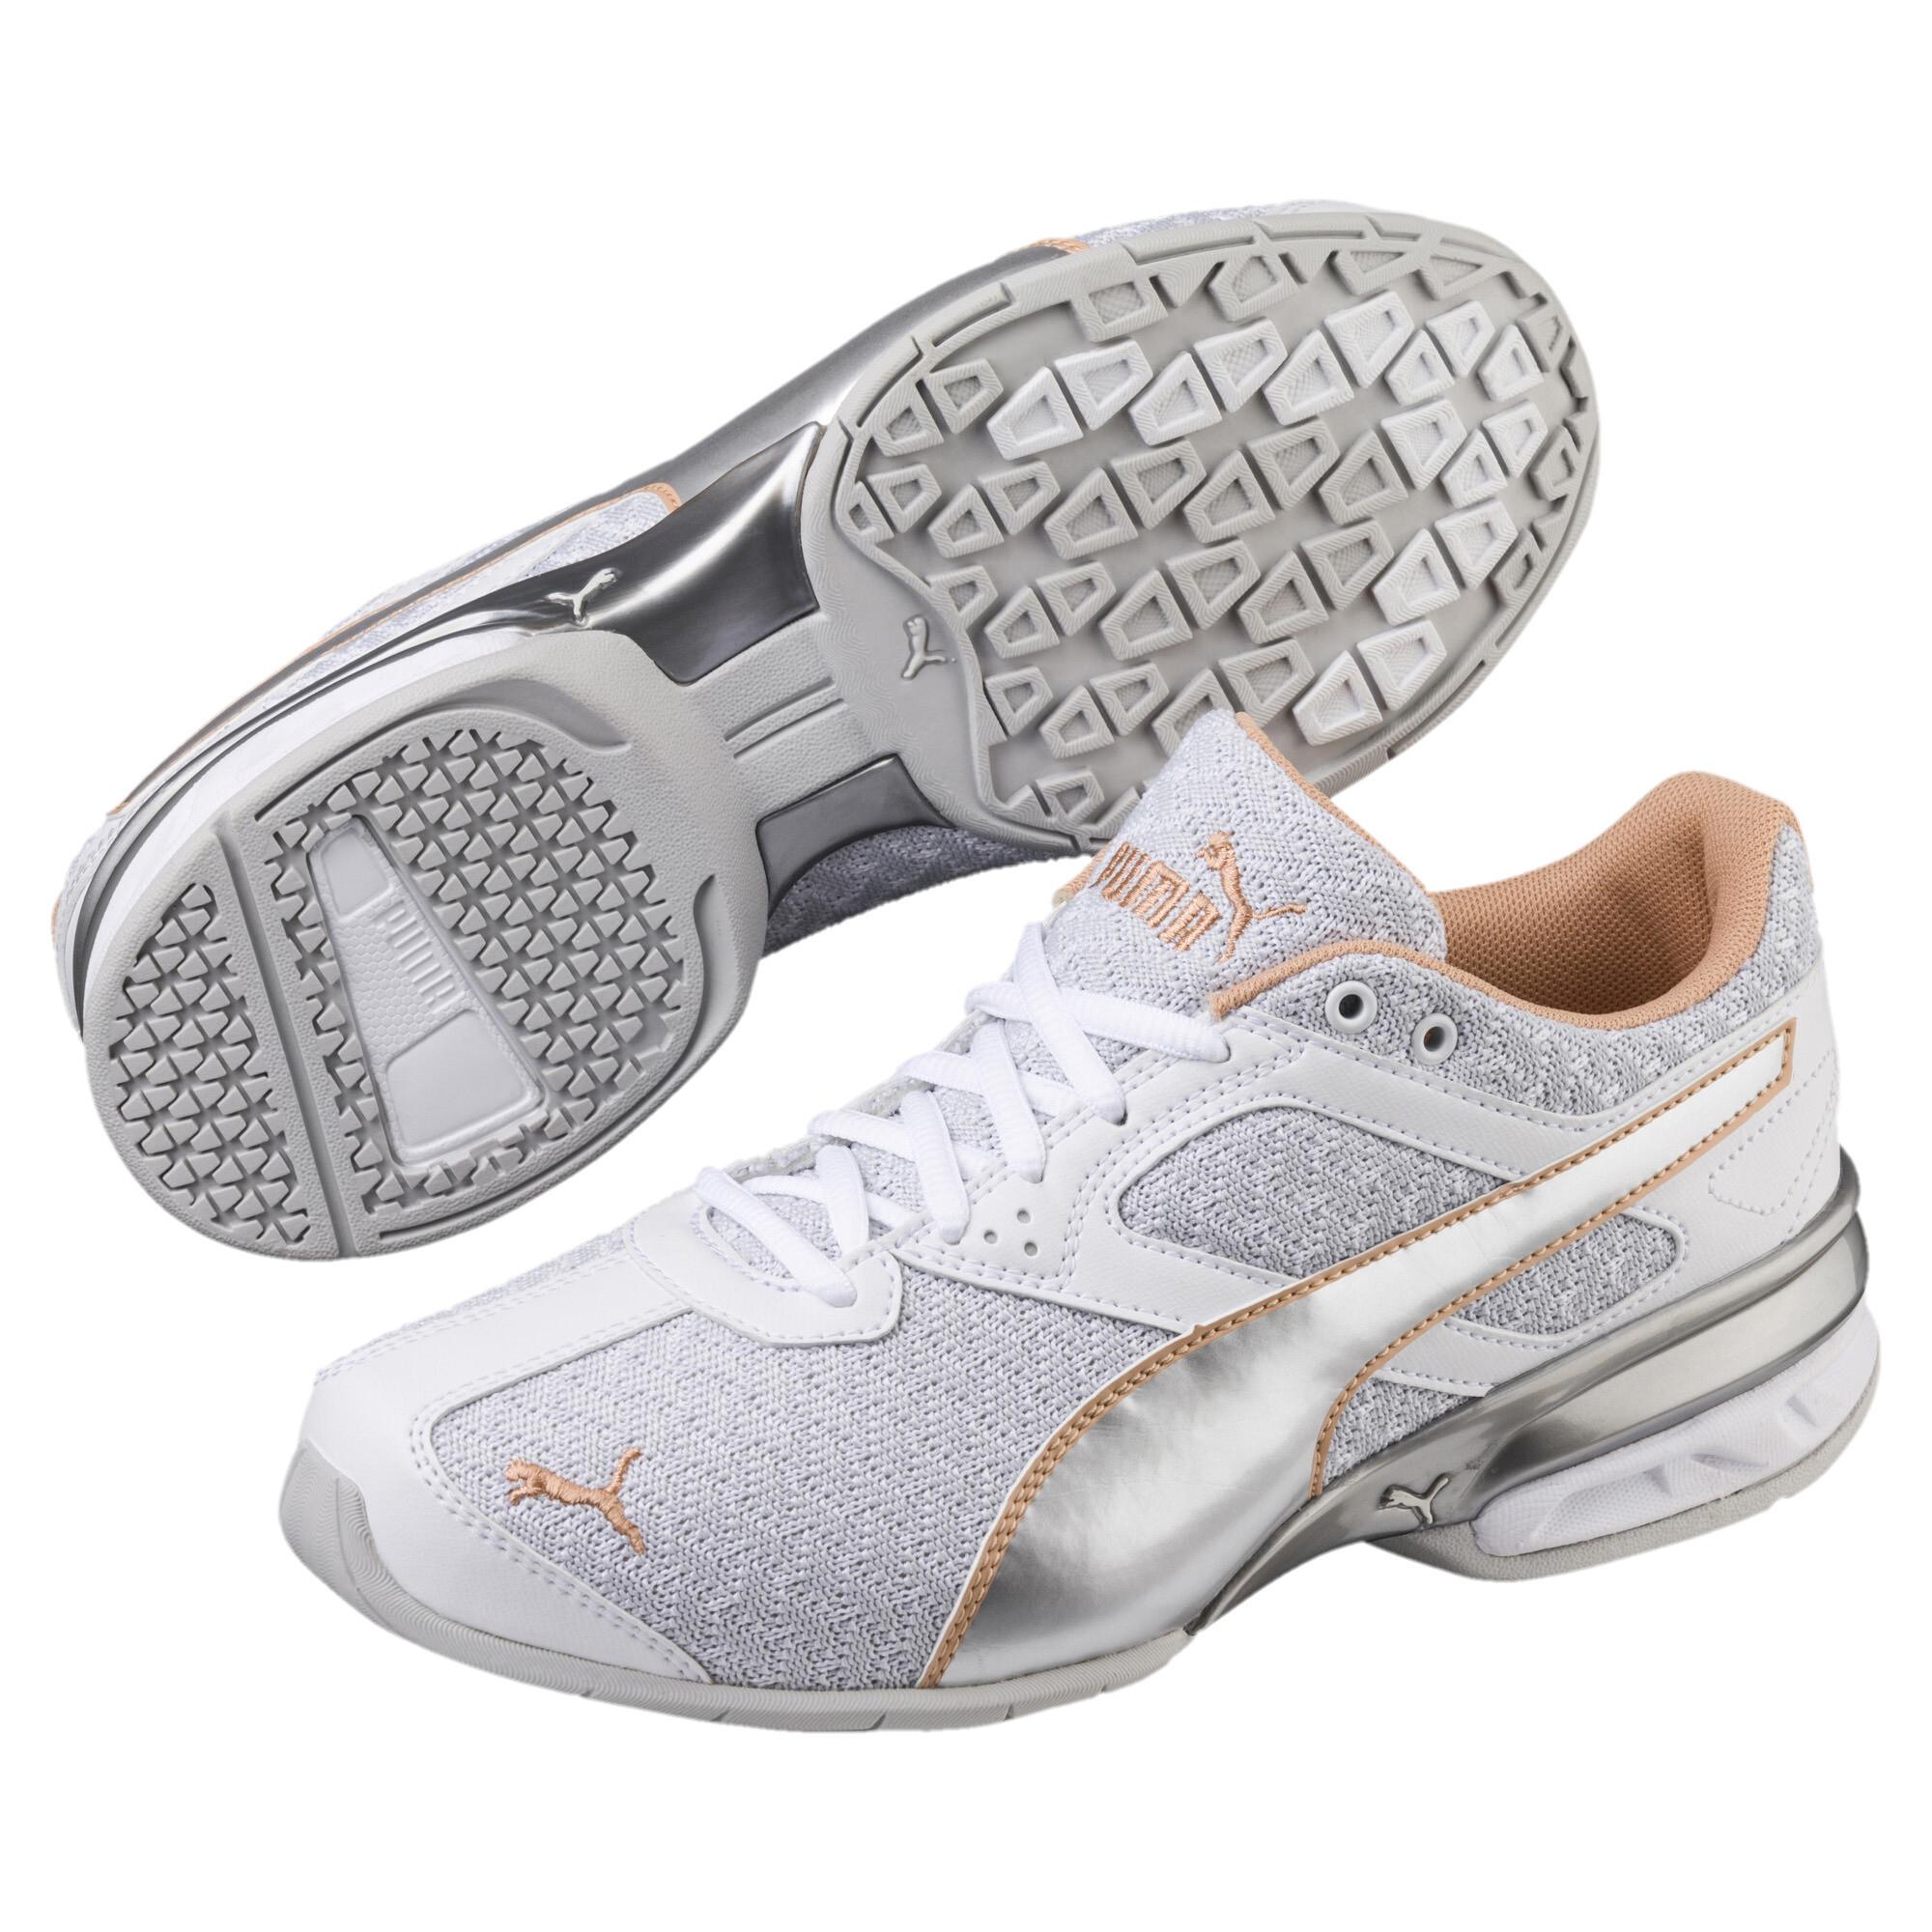 PUMA-Tazon-6-Luxe-Women-039-s-Sneakers-Women-Shoe-Running thumbnail 2